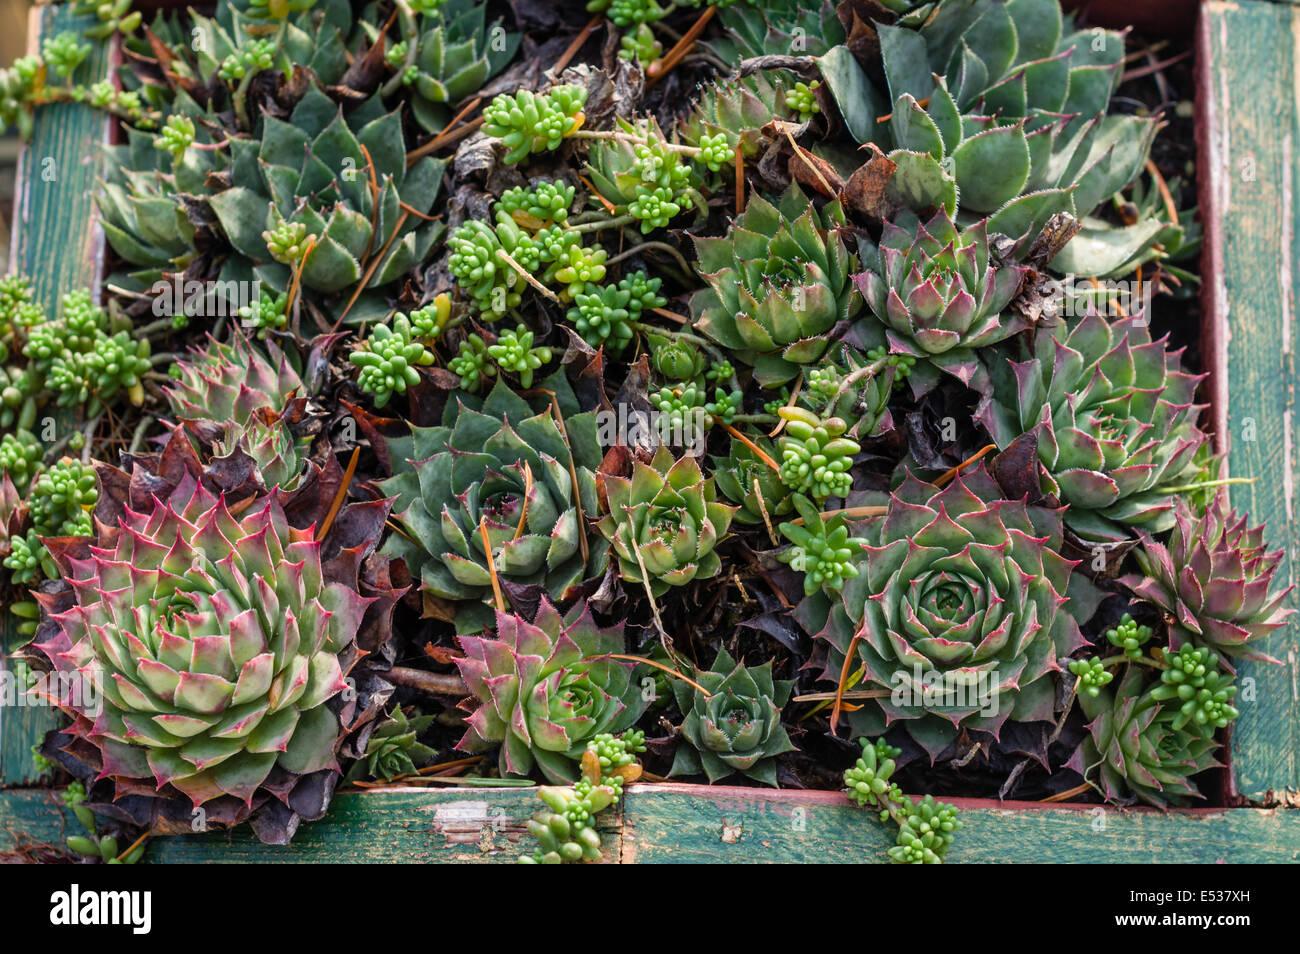 Sedum Und Sempervivum Pflanzen Fur Dachbegrunung Projekte Verwenden